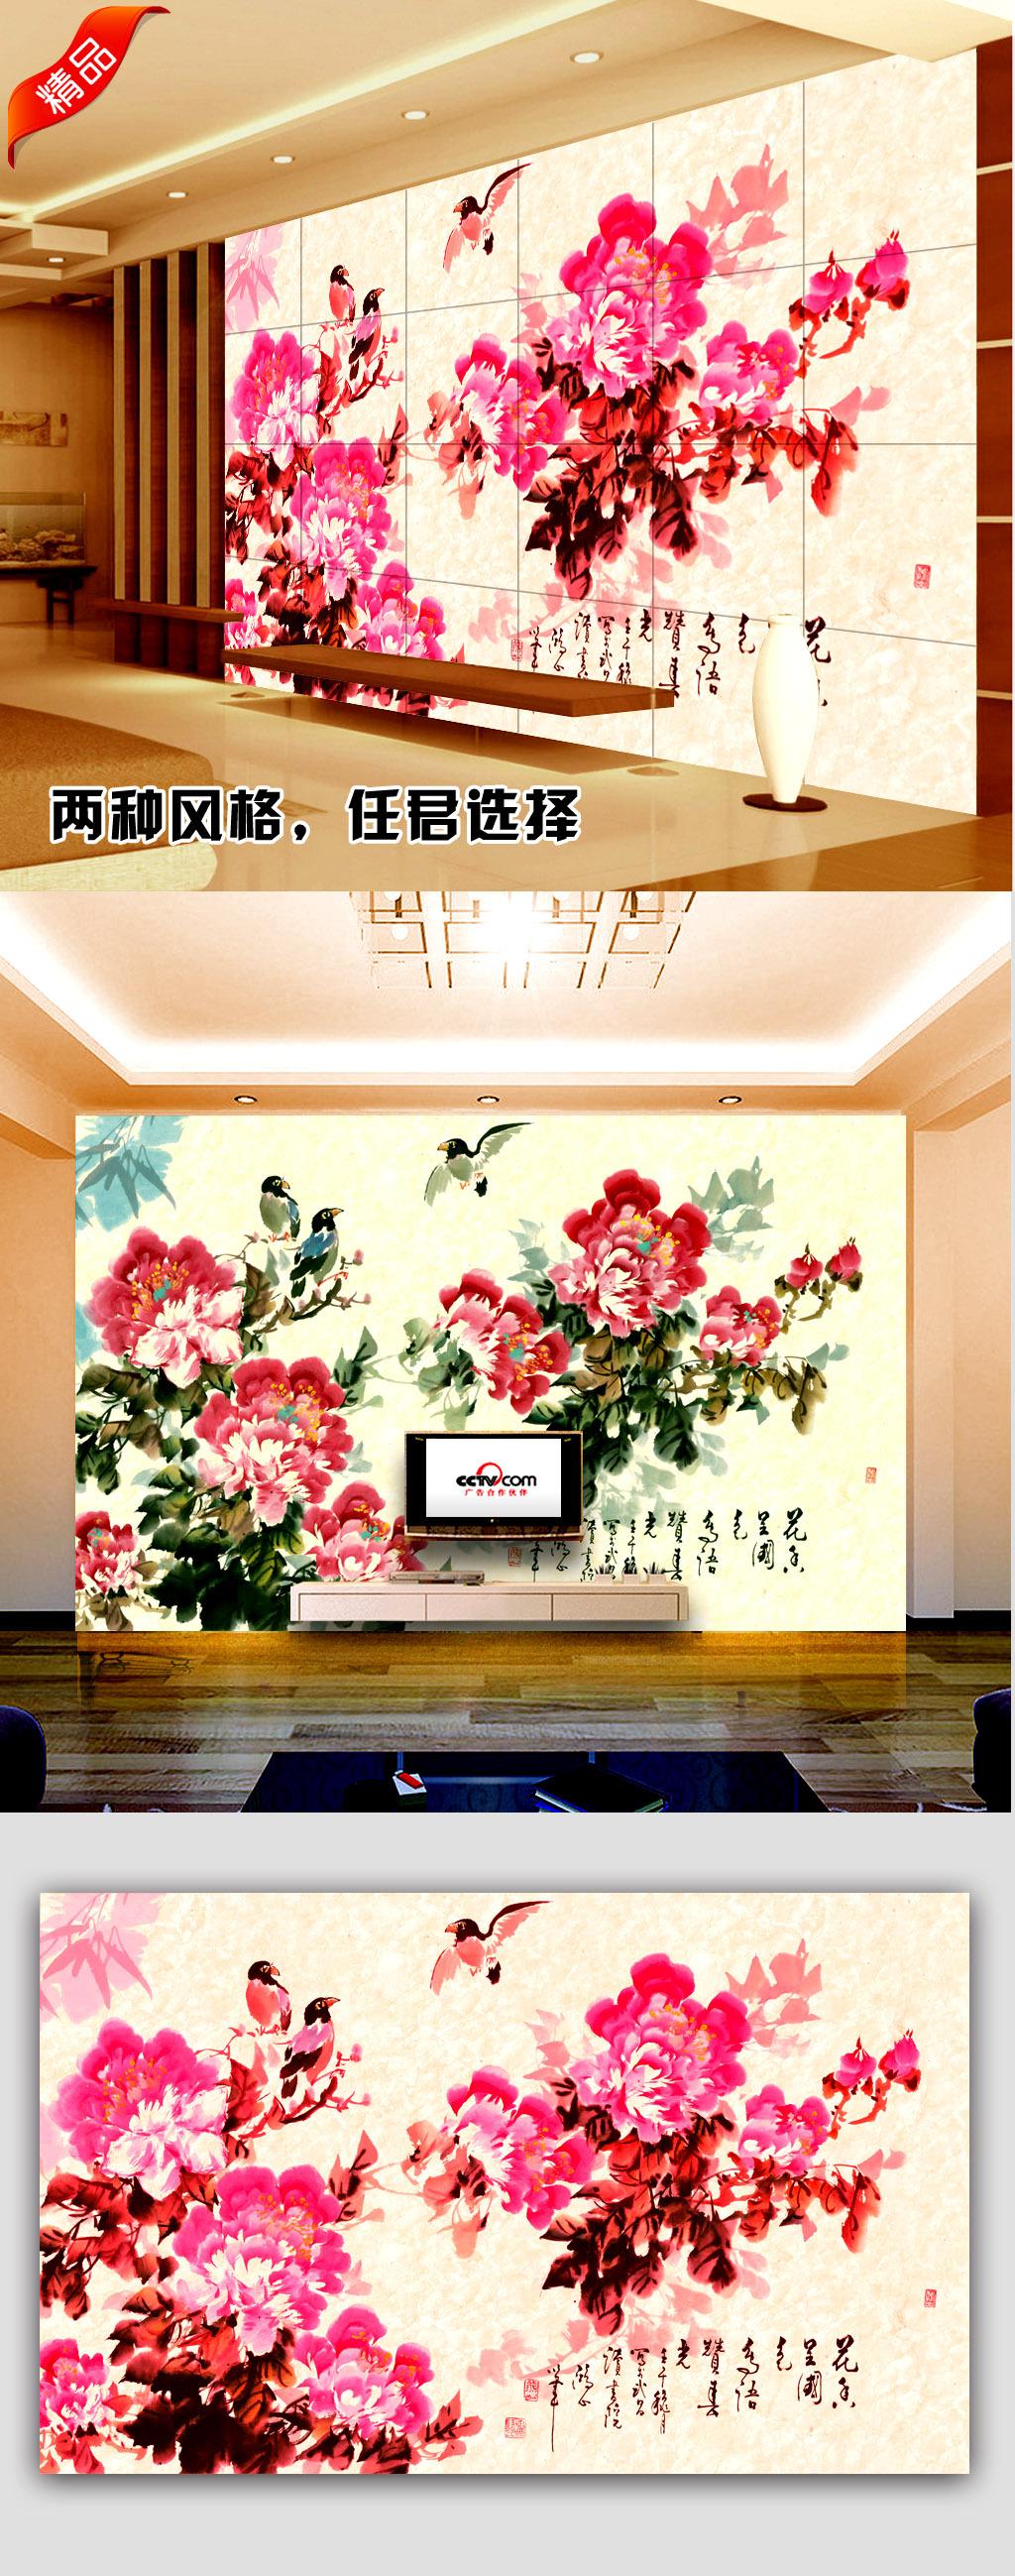 电视背景墙 手绘电视背景墙 > 写意牡丹花开富贵背景墙装饰画  下一张